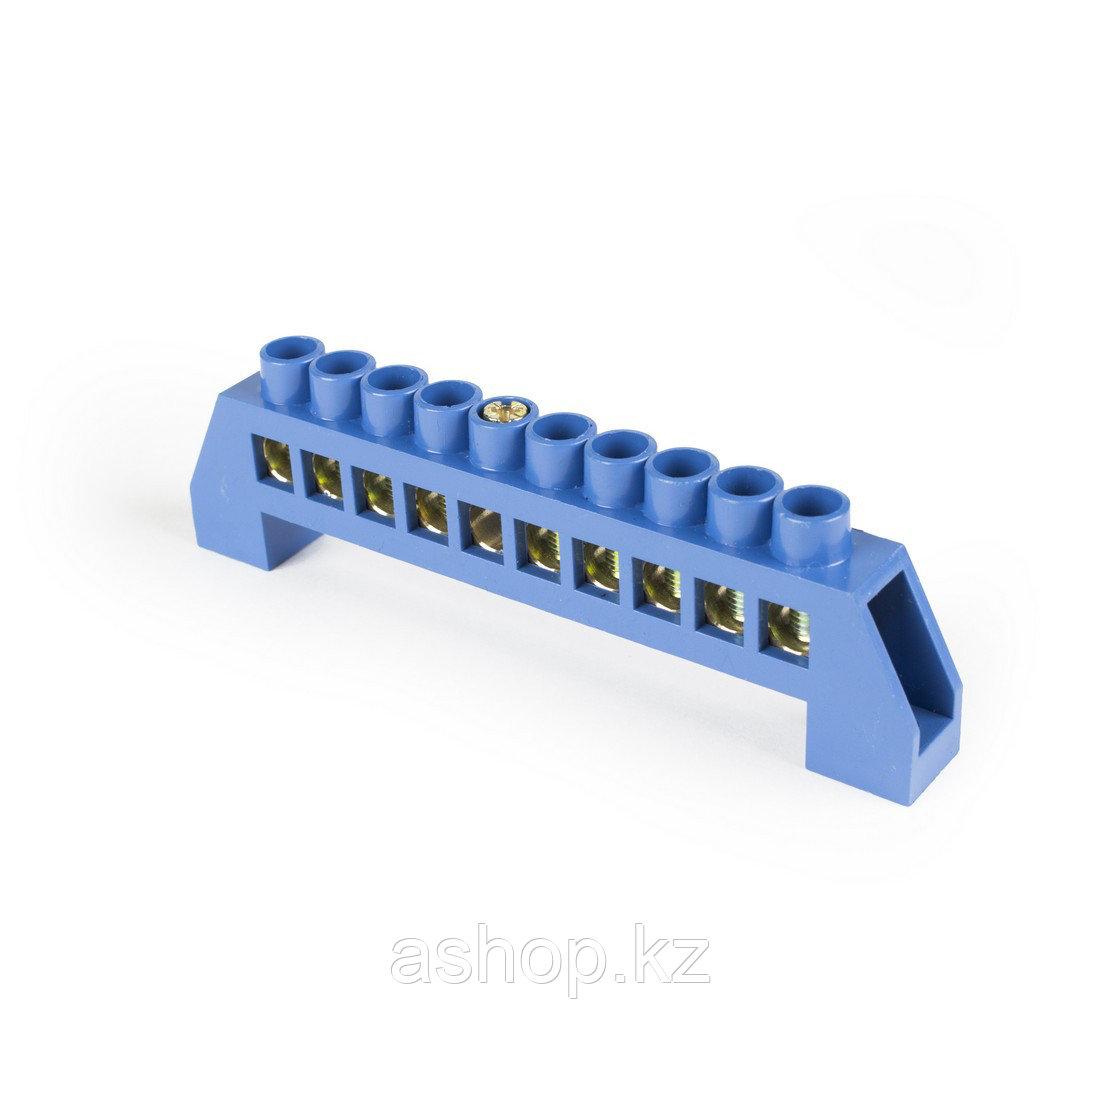 Шина нулевая изолированная Deluxe TS-0812С/10, Кол-во групп:10, Крепление: на изоляторах, Соединение: Болтовое